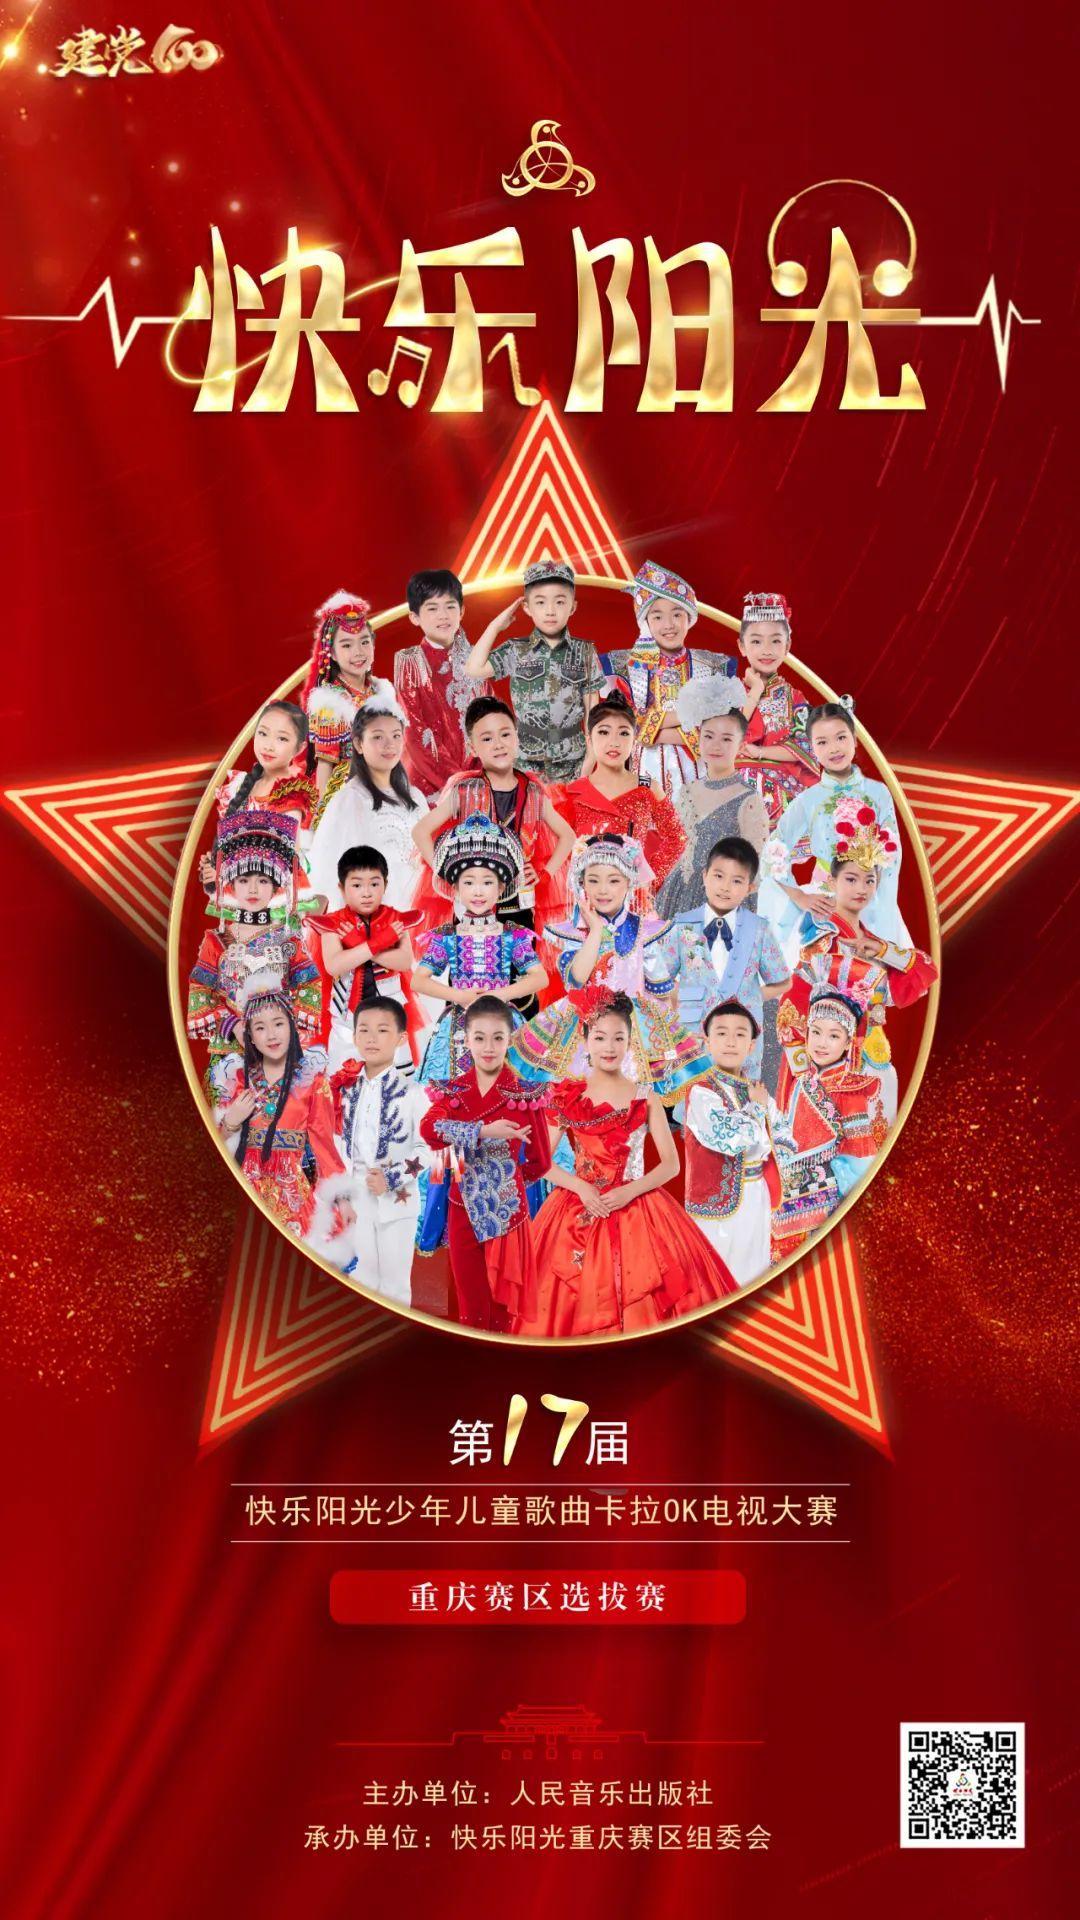 2021第17届快乐阳光全国少歌赛【重庆赛区】复赛比赛通知 第29张